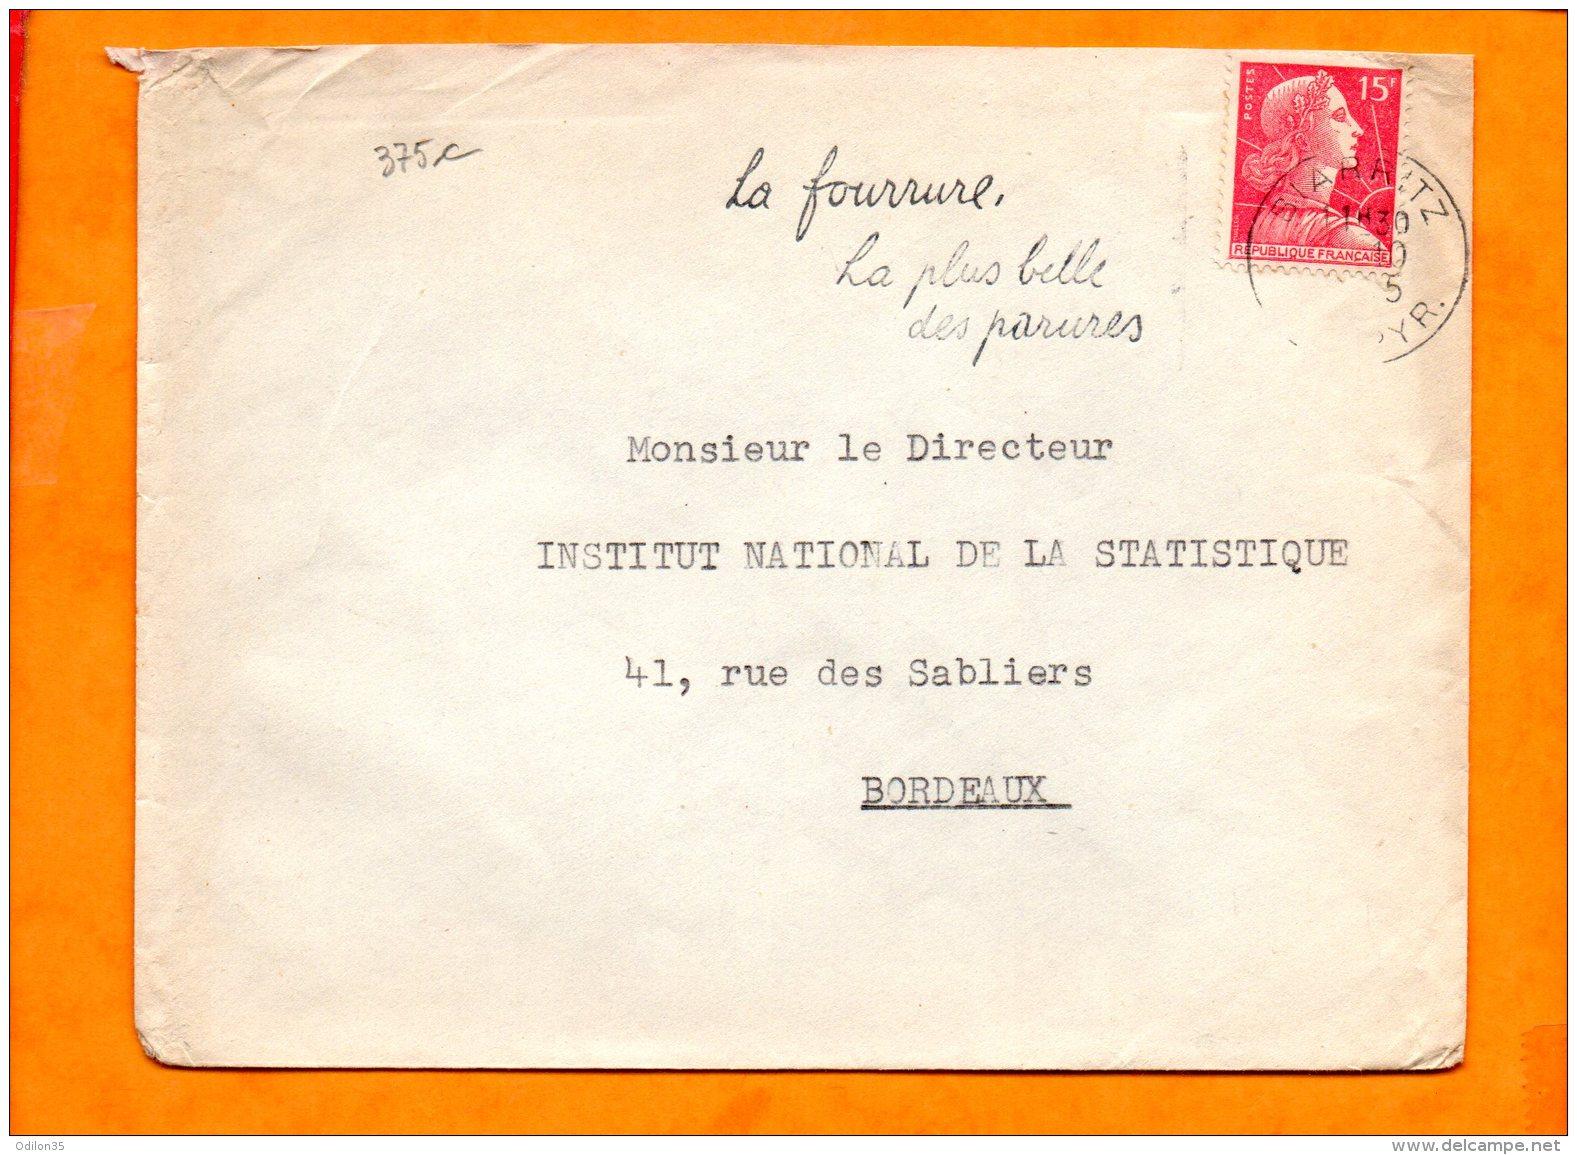 PYRENEES-ATLANTIQUES, Biarritz, Flamme SCOTEM N° 375c, La Fourrure La Plus Belle Des Parures - Storia Postale